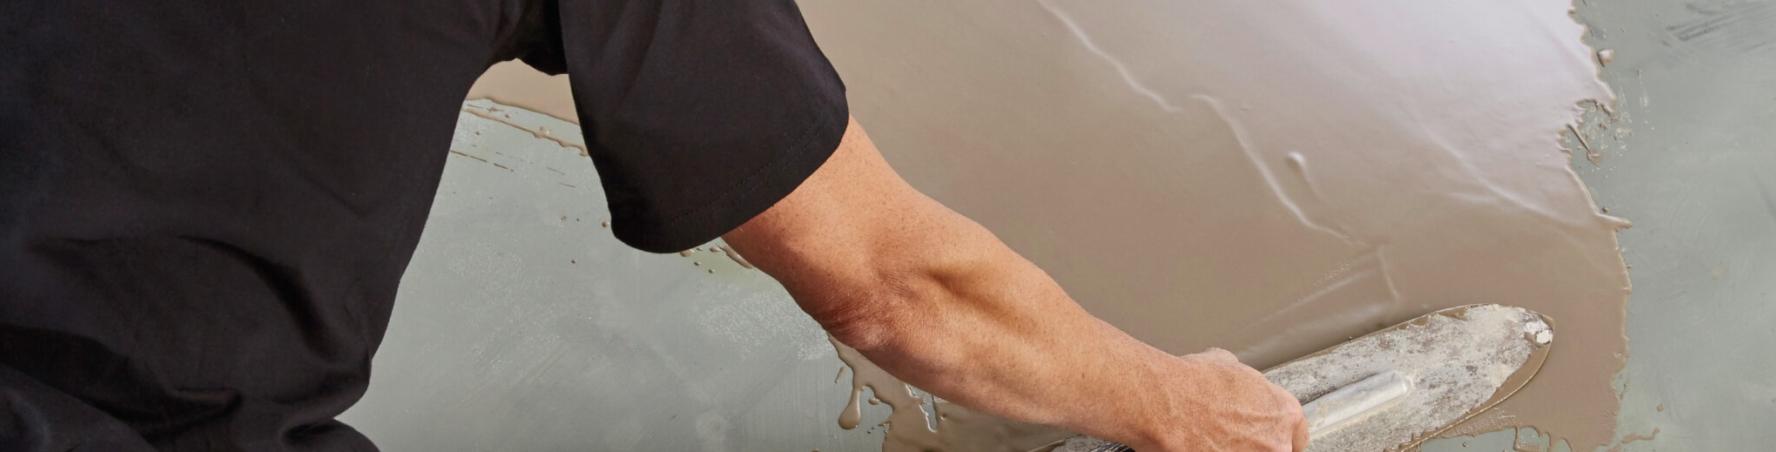 Préparation de sol : à quoi sert le ragréage ?